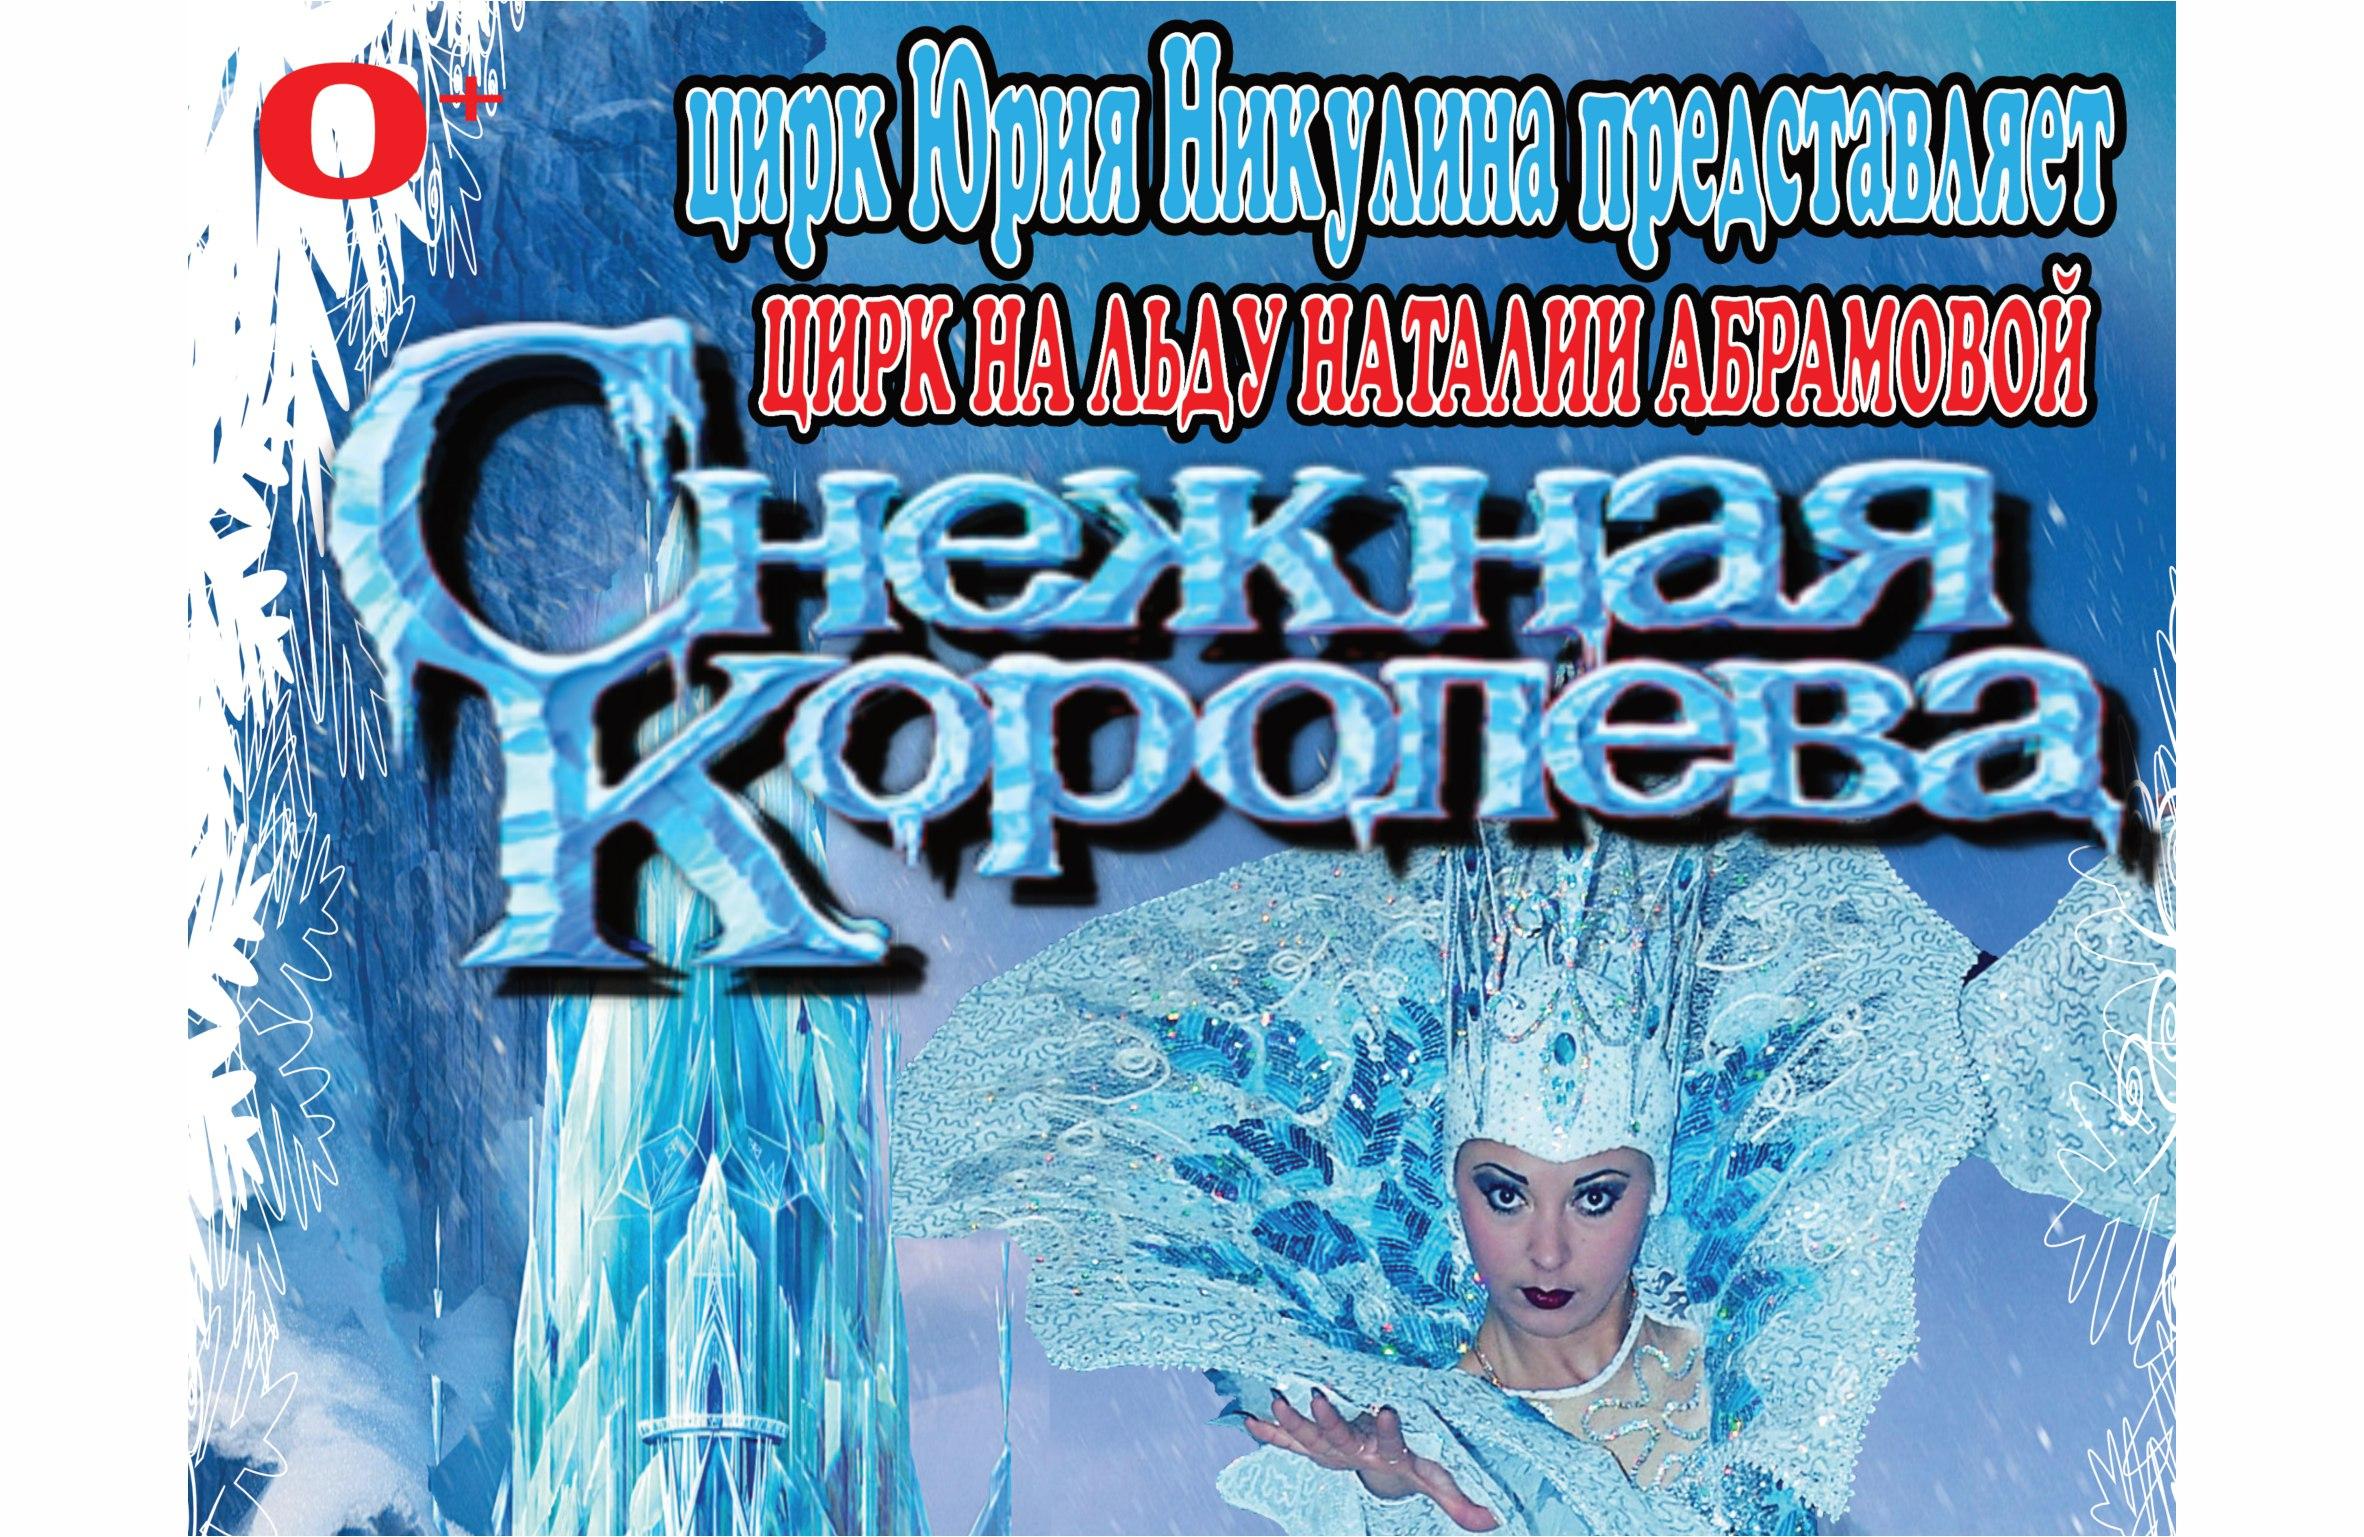 Купить билеты на Снежная королева